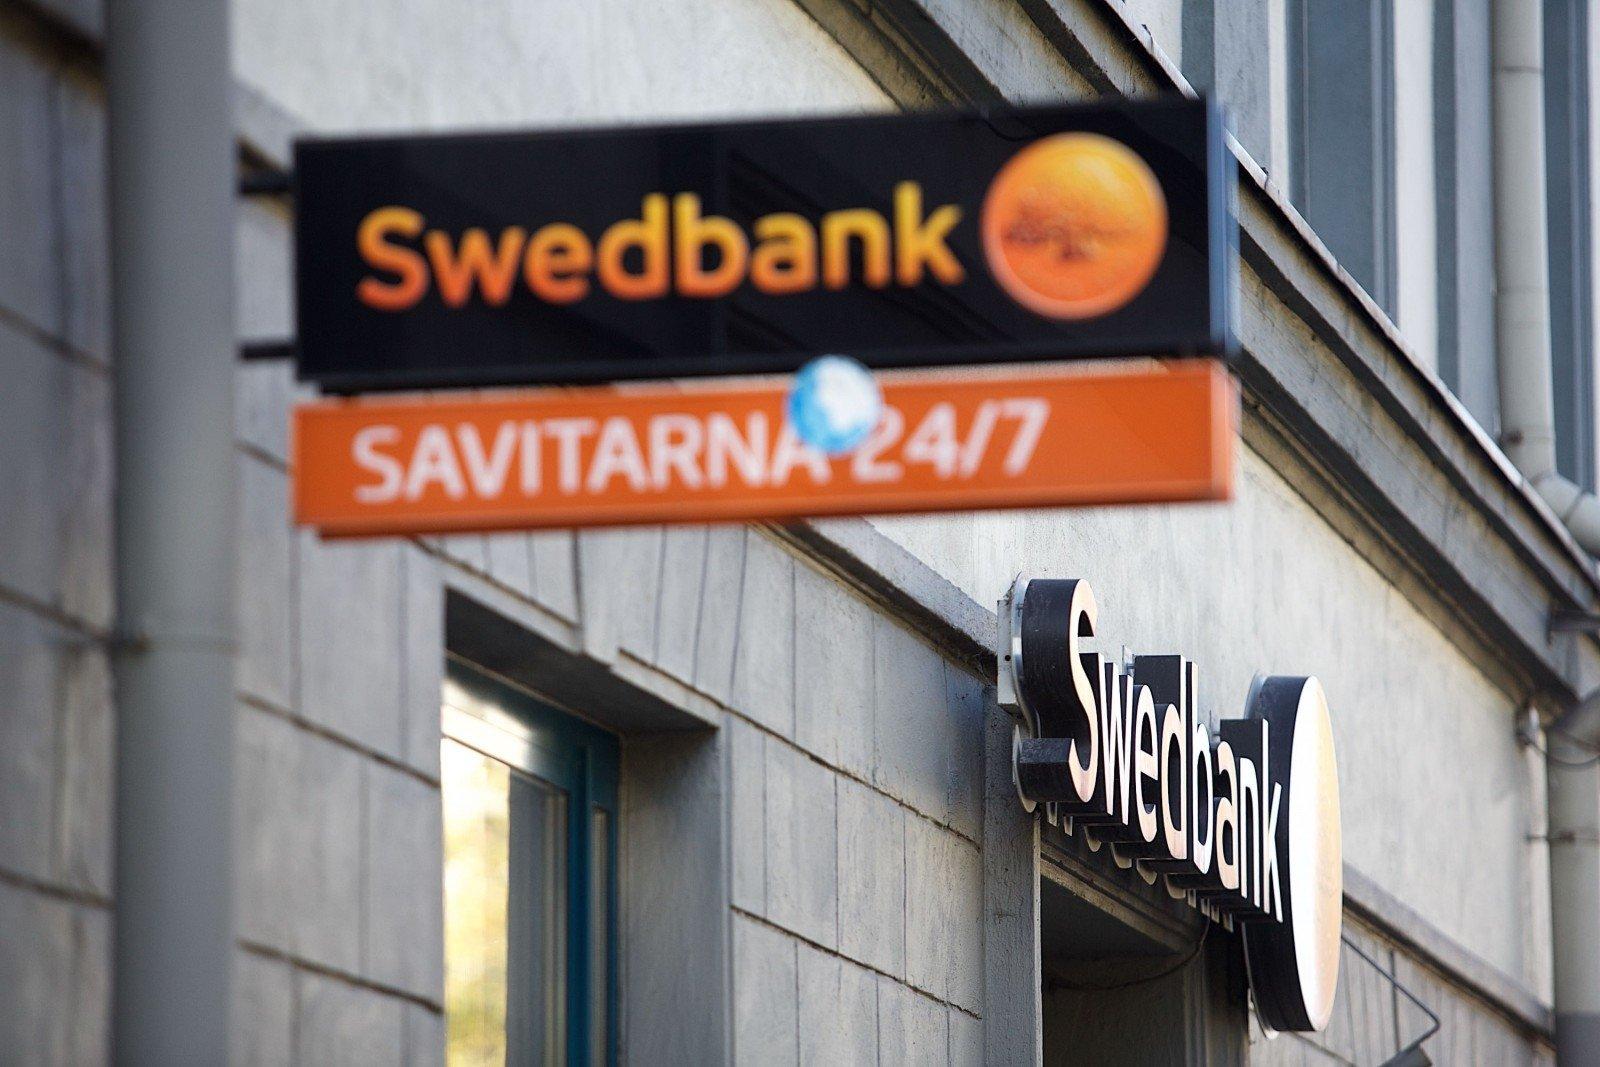 Vertybiniai popieriai swedbank